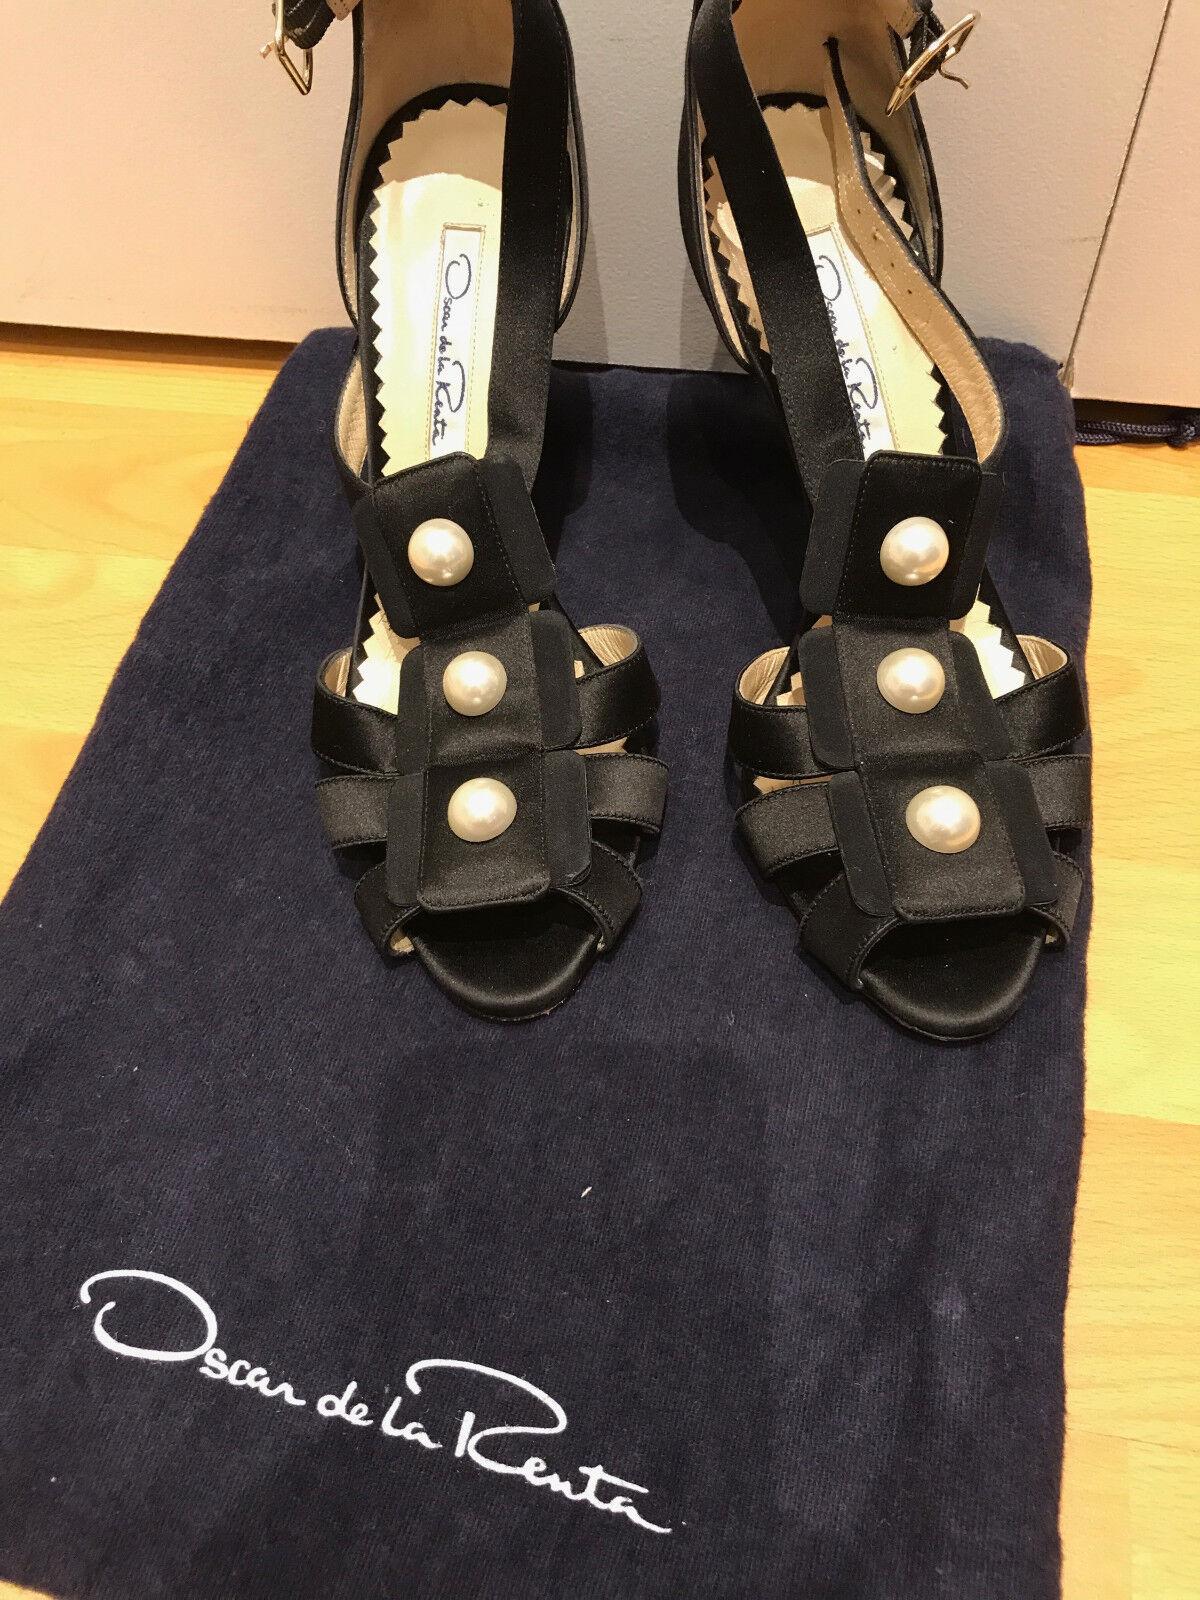 Oscar de la Renta Black Silk Satin Large White White White Pearl T-Strap shoes 36 CAMDAY de0e7b